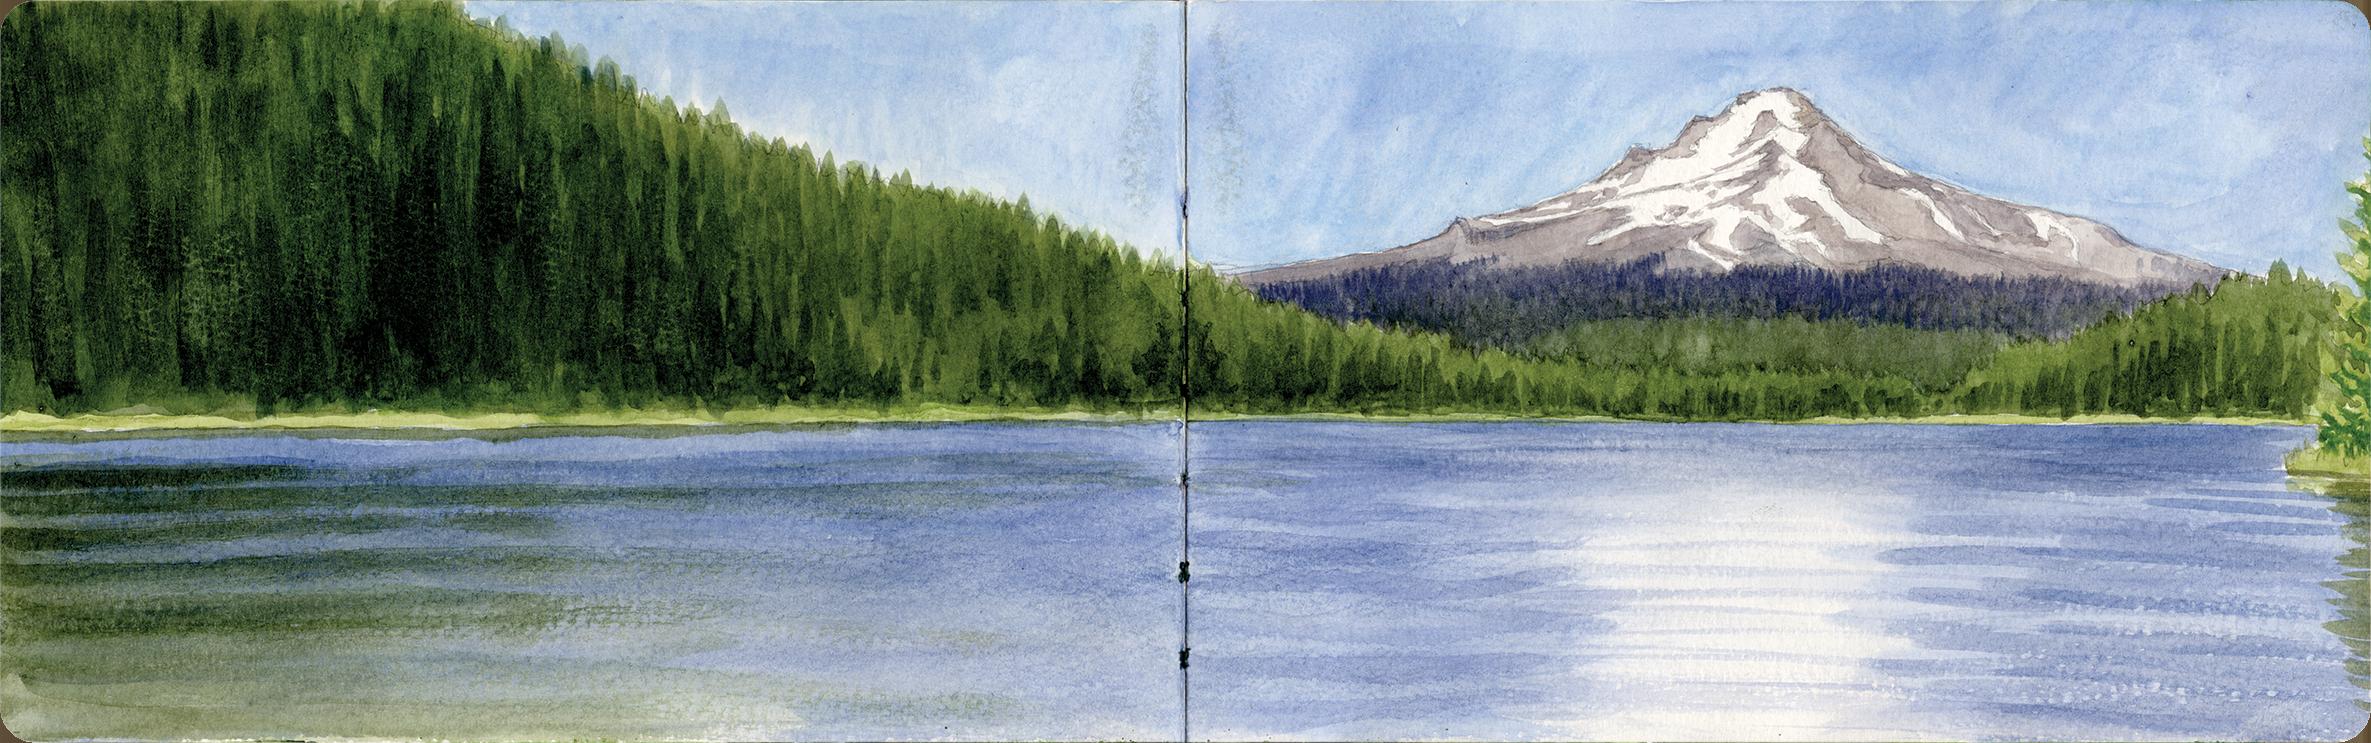 Trillium_Lake.png